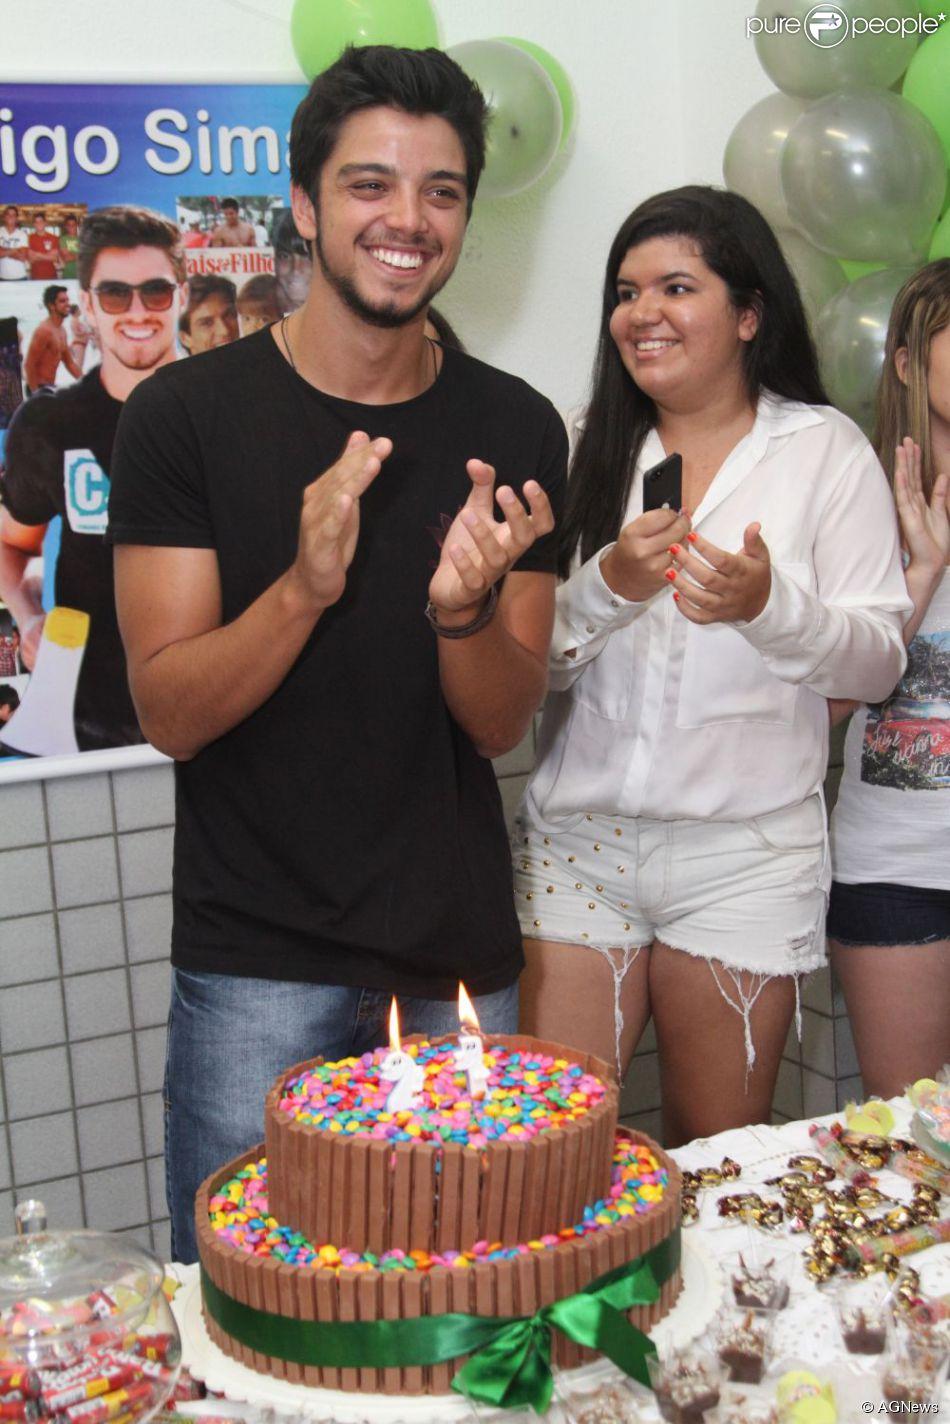 Excepcional Rodrigo Simas sorri na hora do 'Parabéns pra você' - Purepeople UJ06